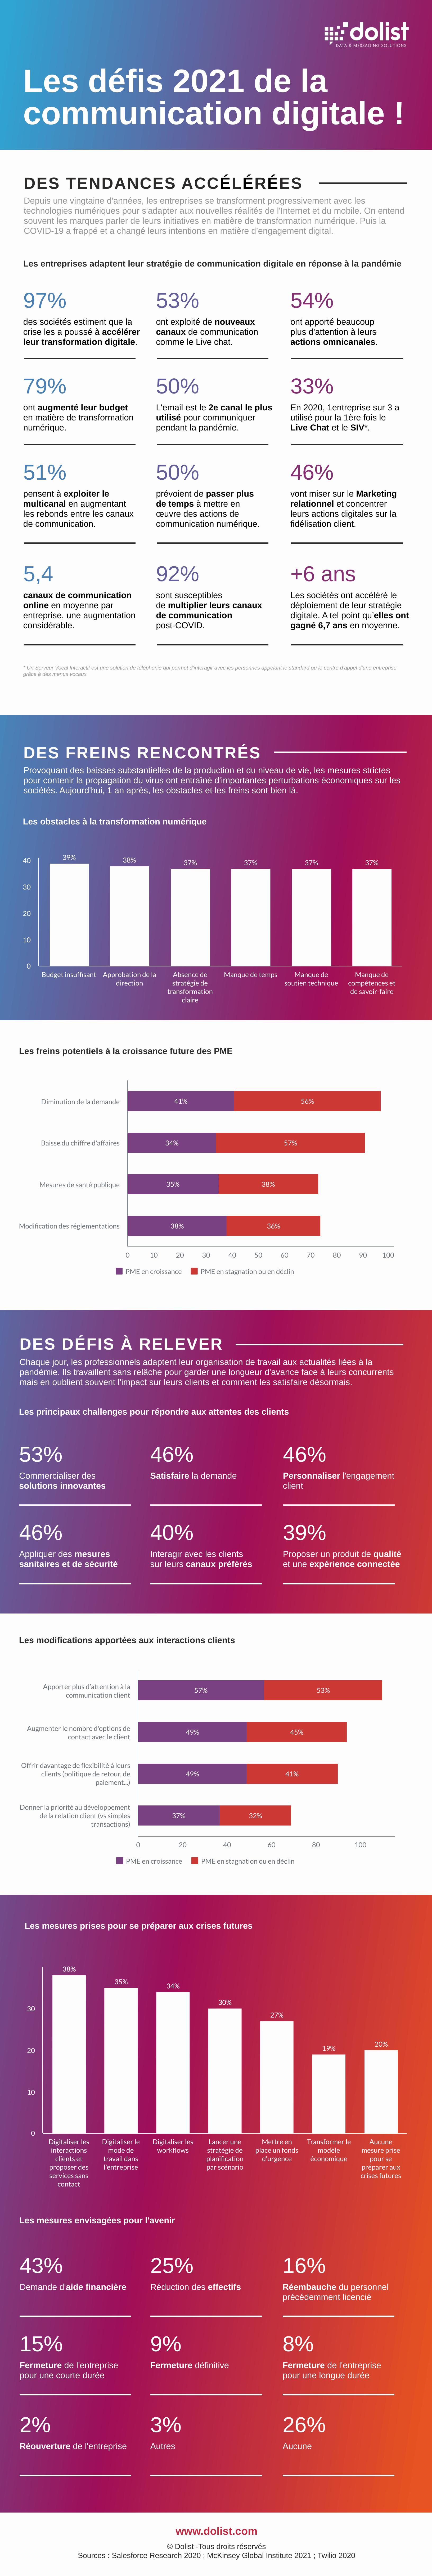 Infographie | Les défis de 2021 en communication digitale